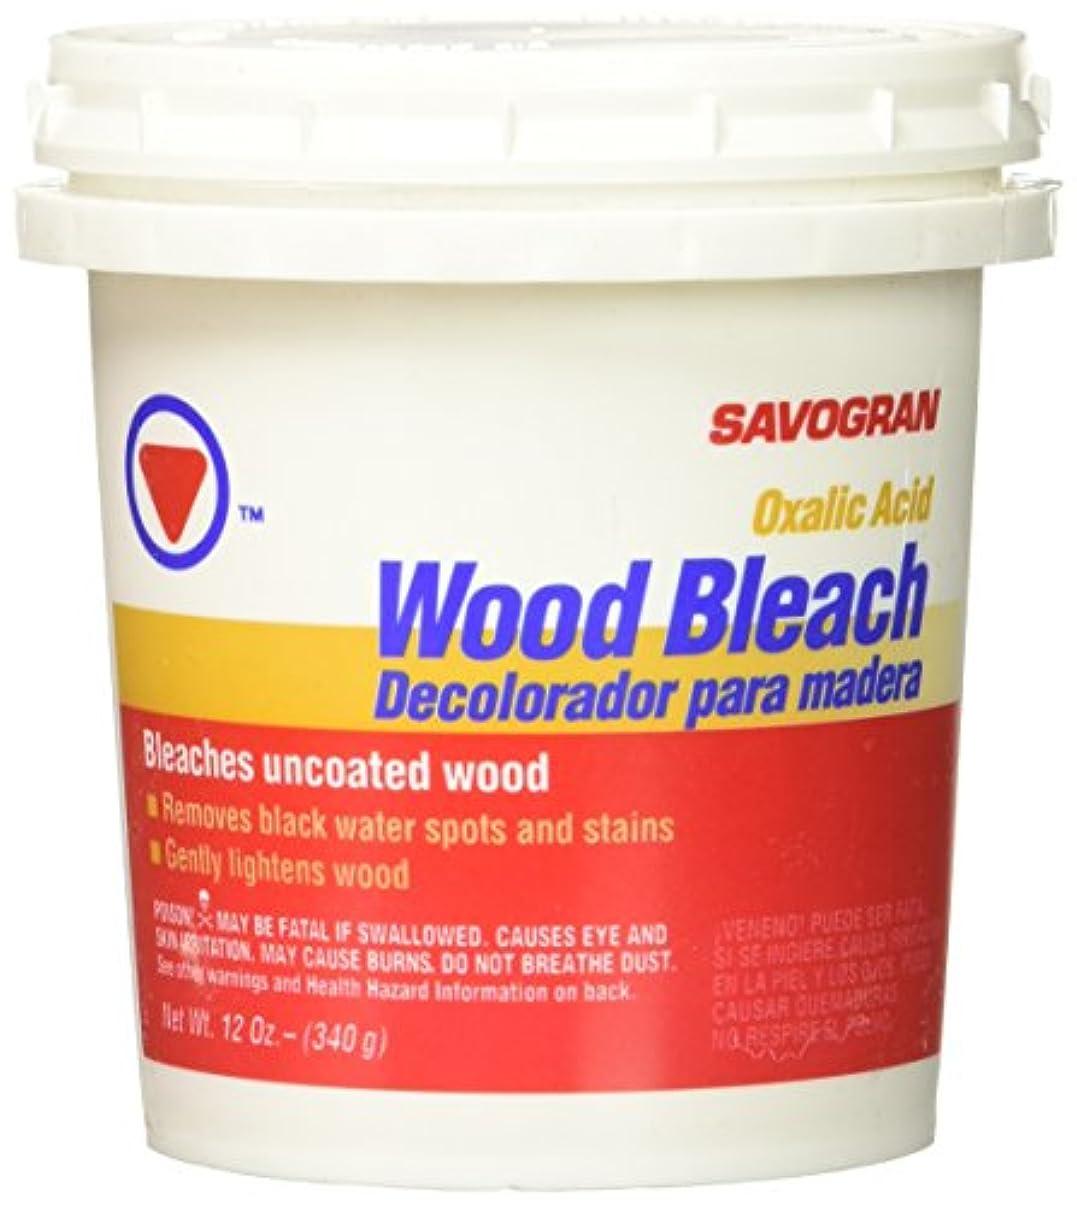 回復輝度意志に反するSavogran 10501木製漂白剤、12oz。 12 oz 10501 1